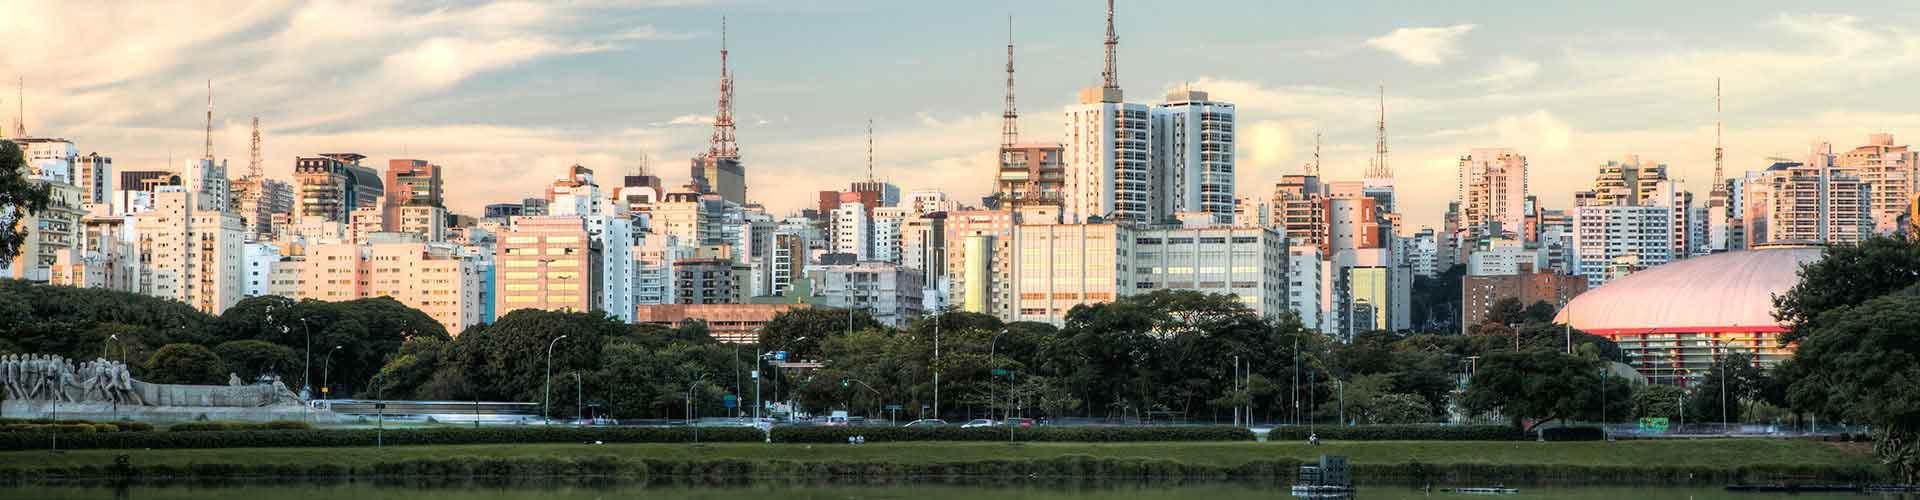 Sao Paulo - Chambres pas chères dans le quartier de Centro Augusta. Cartes pour Sao Paulo, photos et commentaires pour chaque chambre à Sao Paulo.